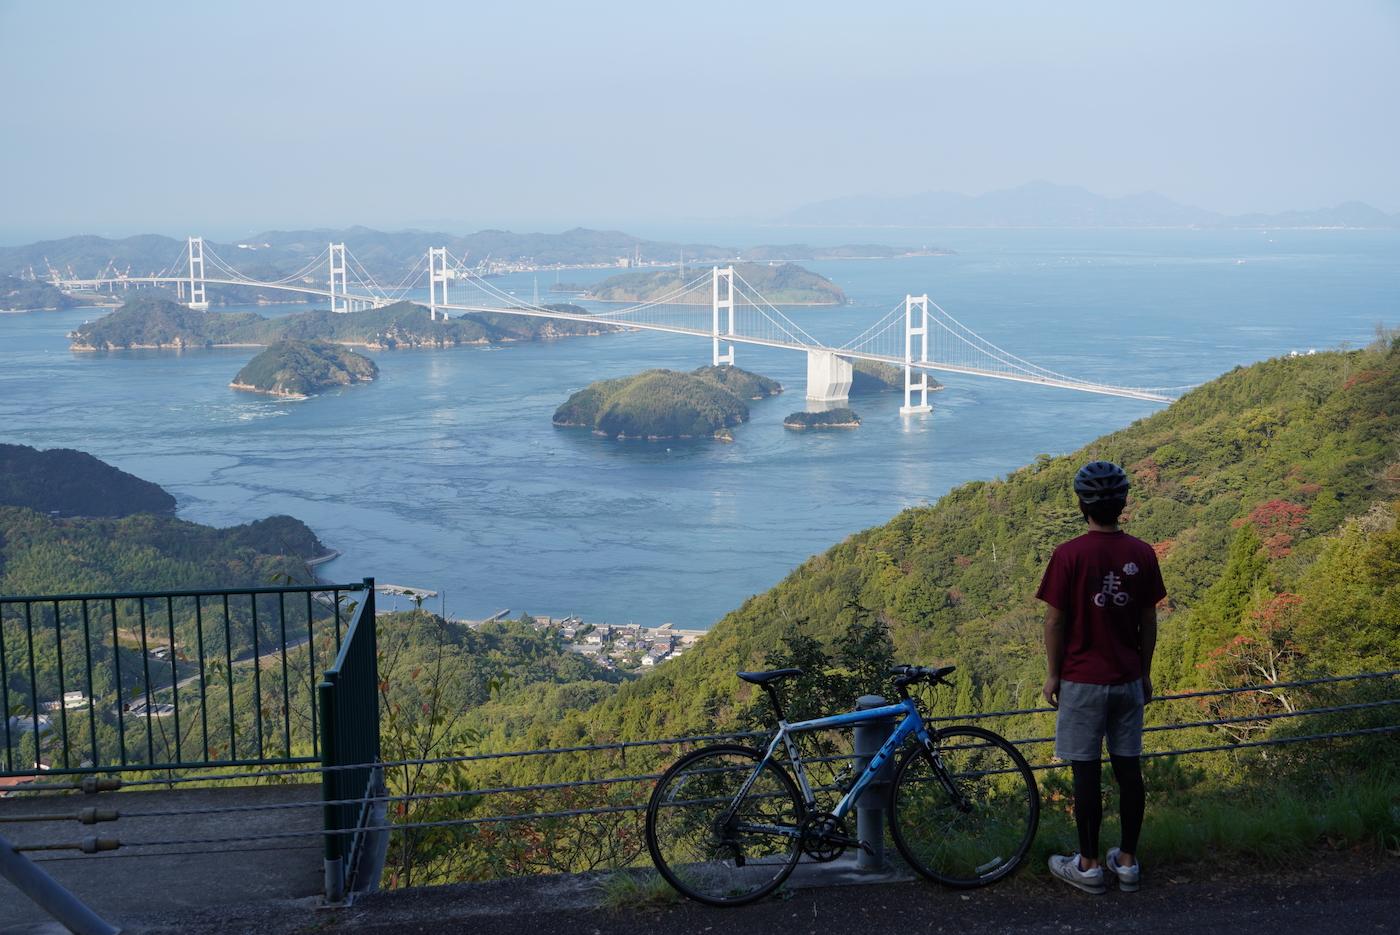 しまなみ海道の旅コツ。 現地ガイド歴10年のサイクリストが伝授